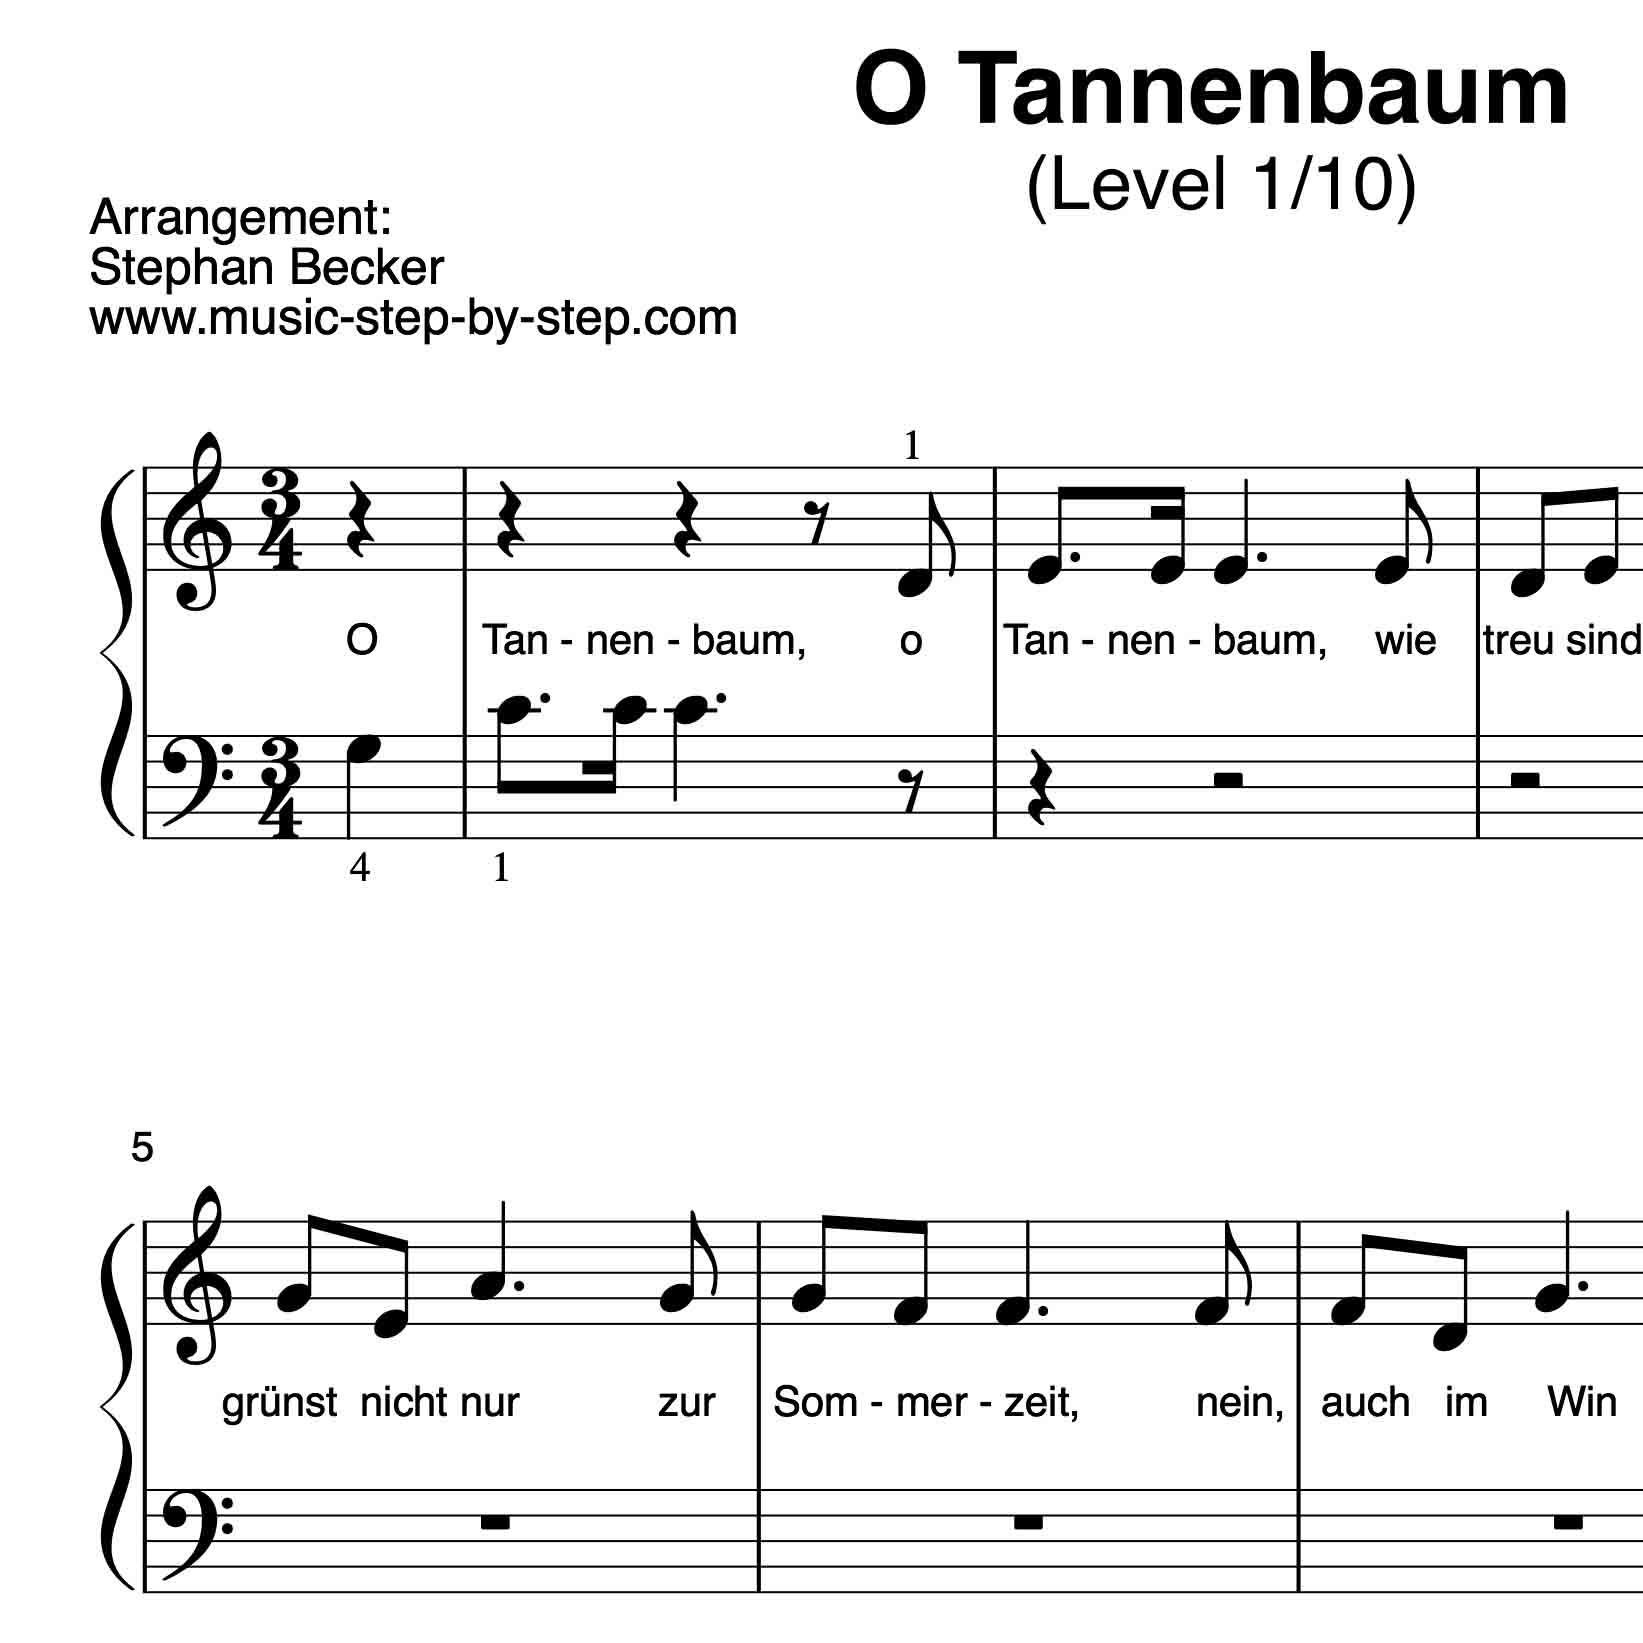 Noten Von O Tannenbaum.O Tannenbaum Für Klavier Level 1 10 Inkl Aufnahme Und Text